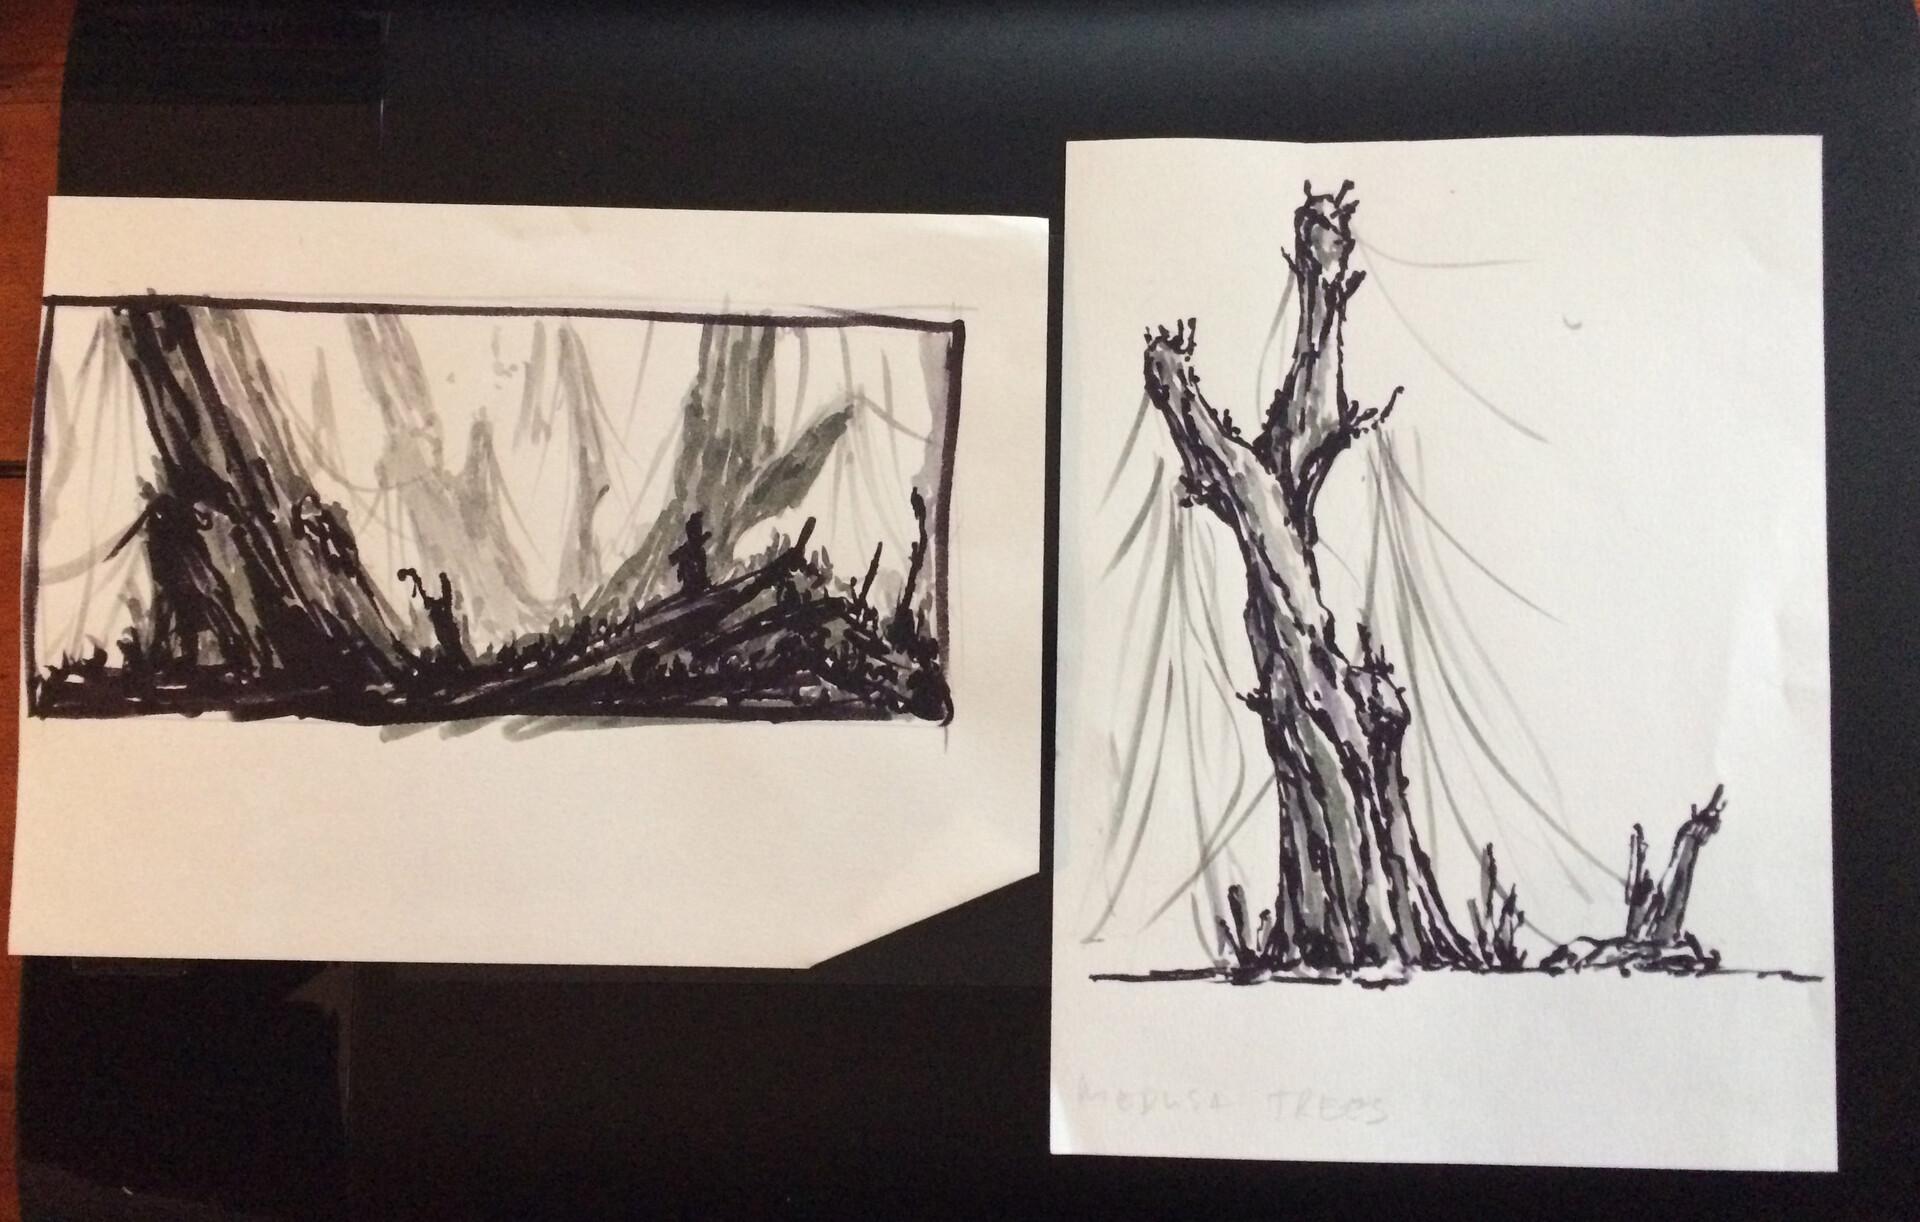 Eva kedves sketch